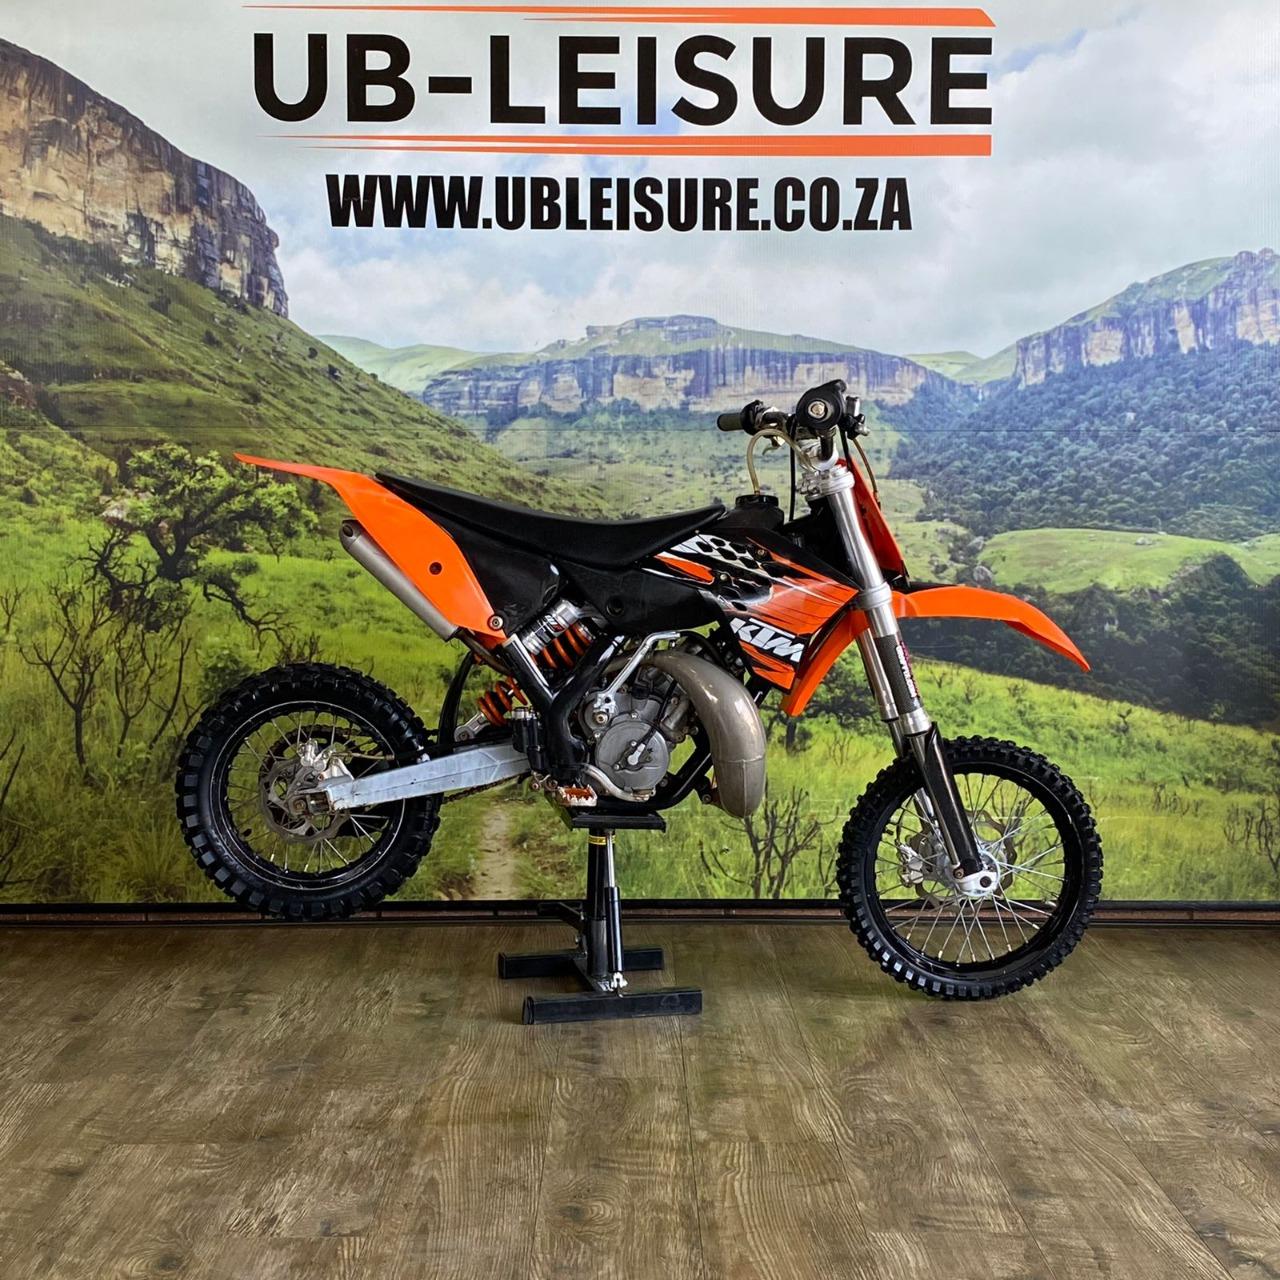 2010 KTM 65 SX | UB LEISURE